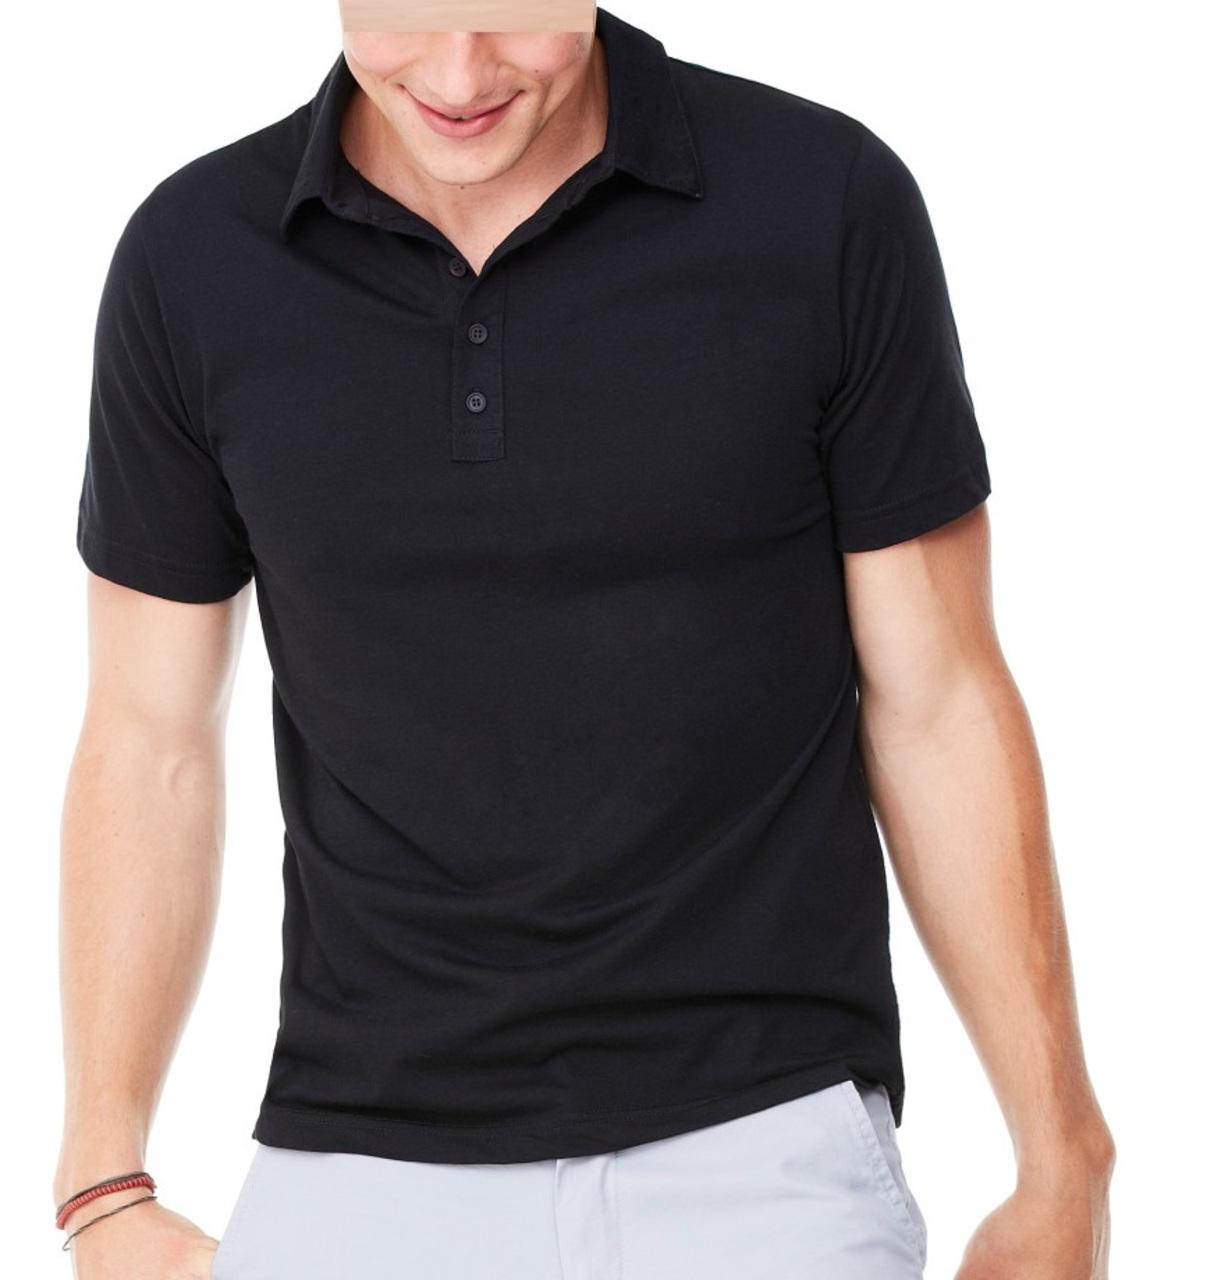 Bella canvas 3802 men 39 s jersey short sleeve 5 button polo for No button polo shirts